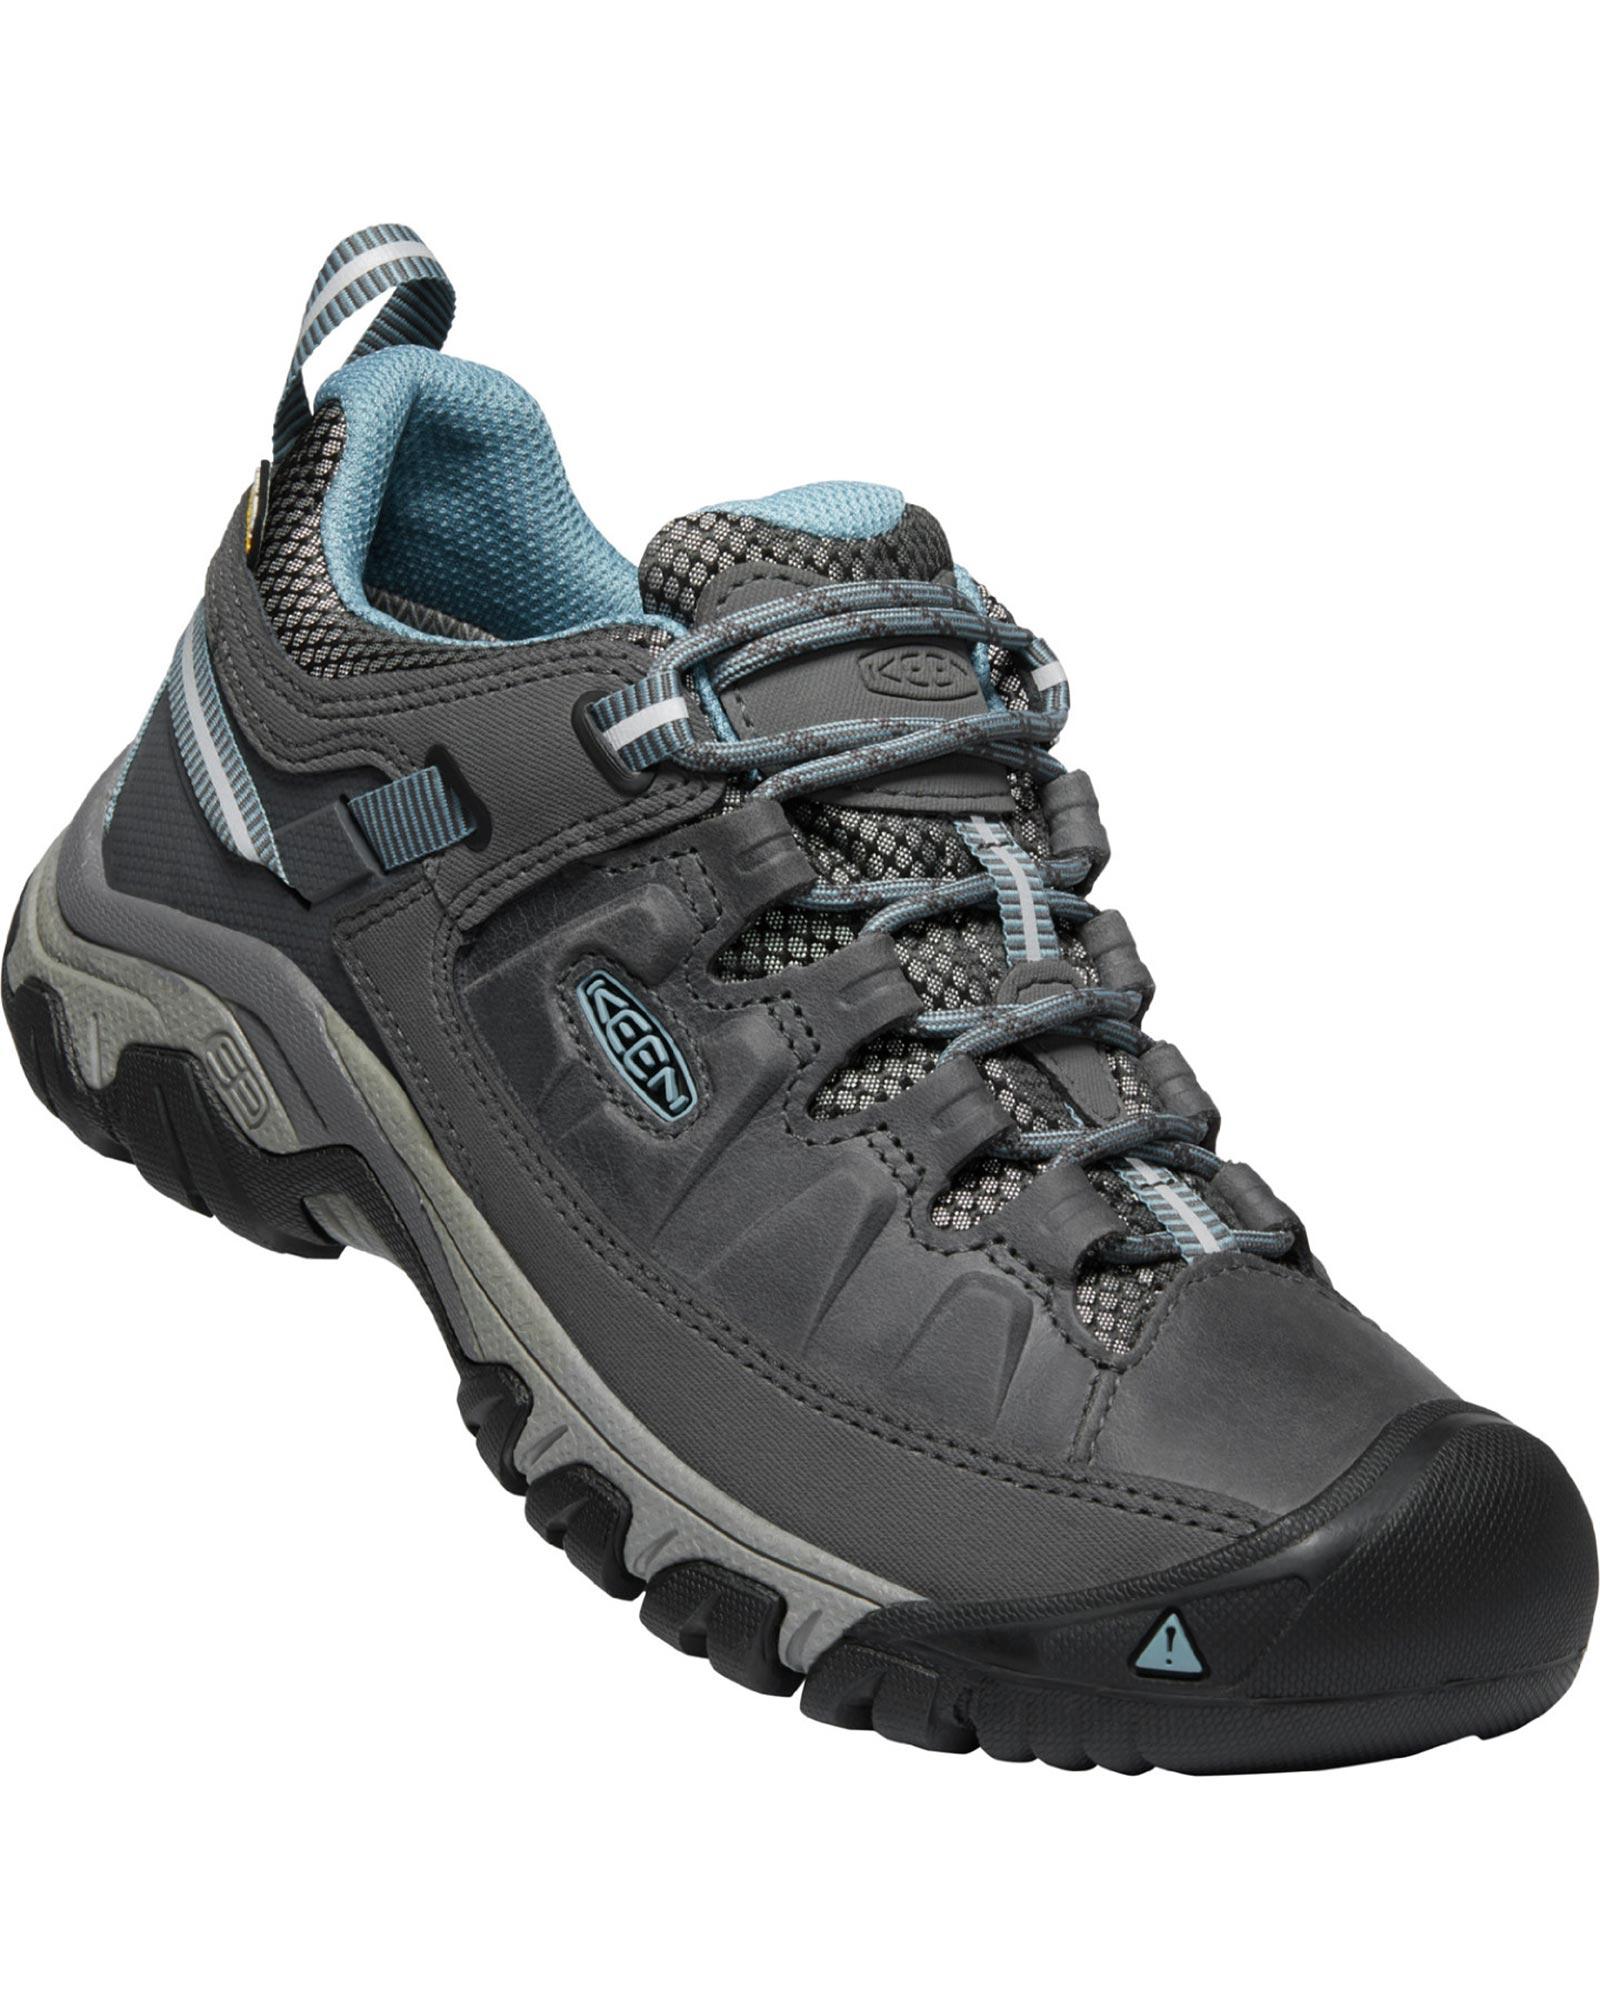 Keen Targhee III Low Women's Shoes 0